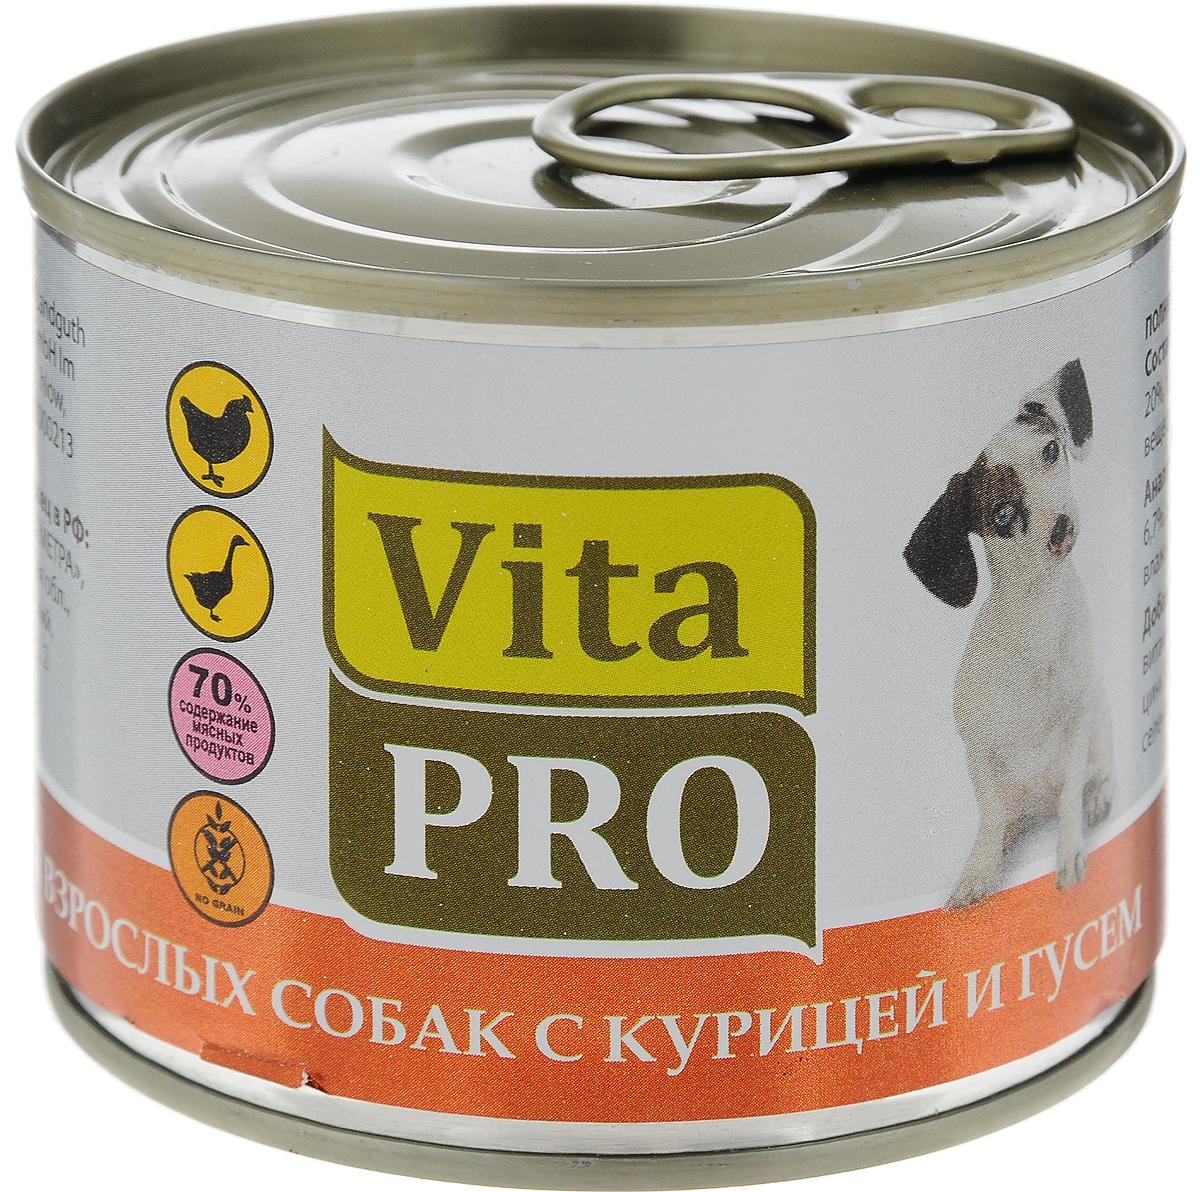 Консервы Vita ProМясное меню для собак, курица и гусь, 200 г90011Консервы Vita ProМясное меню - это корм из натурального мяса без овощей и злаков с добавлением кальция для растущего организма. Не содержит искусственных красителей и усилителей вкуса. Имеет крупнофаршевую текстуру.Товар сертифицирован.